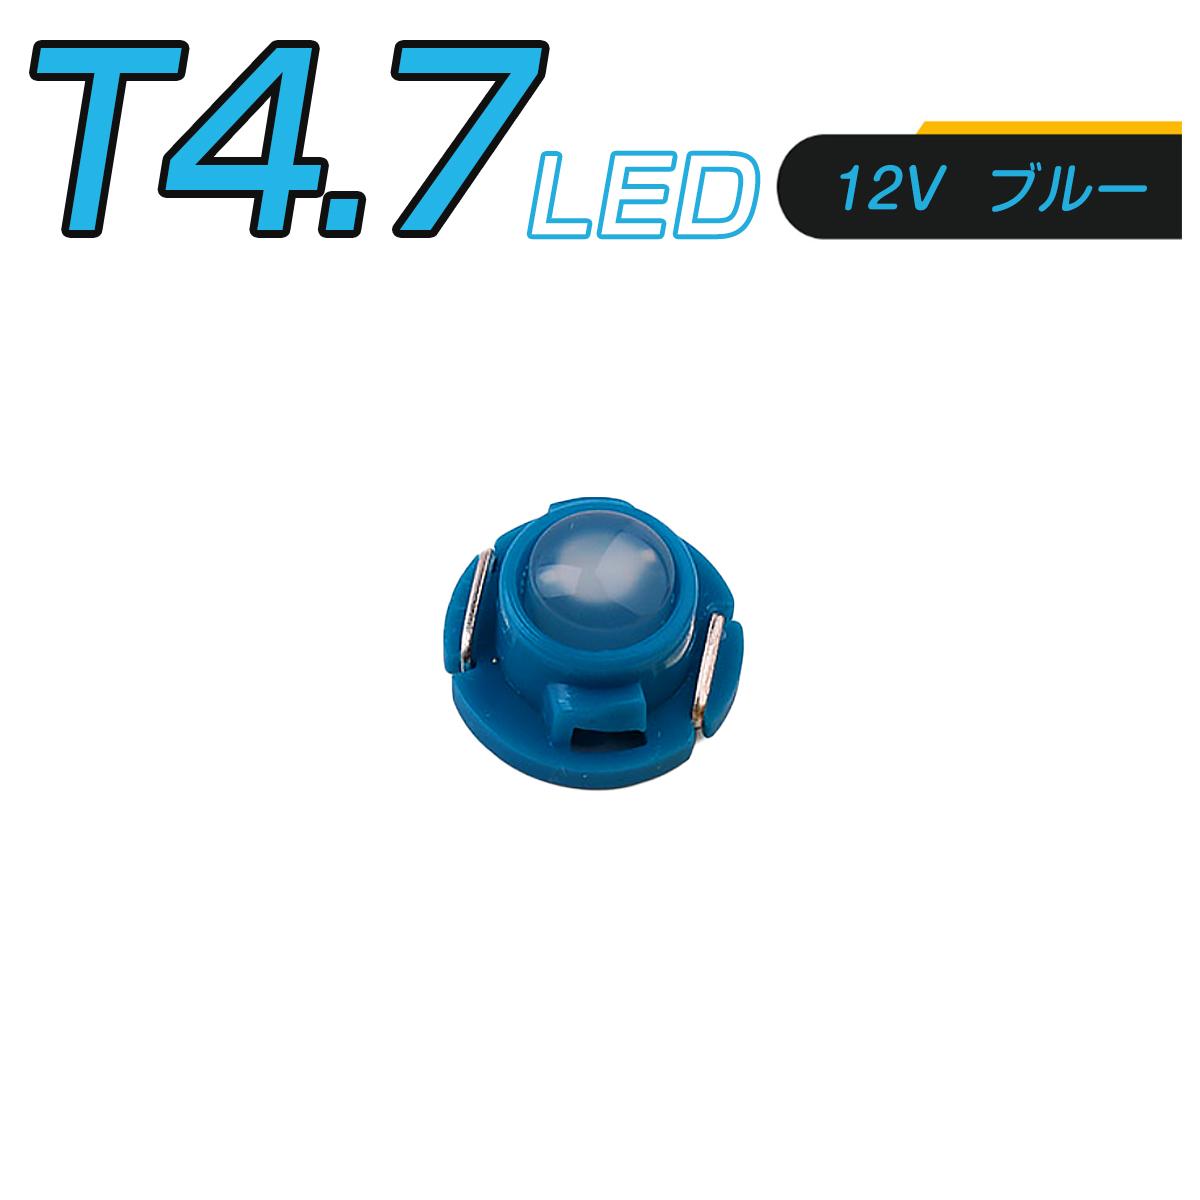 LED T4.7 SMD 青 メーター球 タコランプ インジケーター エアコンパネル 超拡散 全面発光 2個セット SDM便送料無料 1ヶ月保証